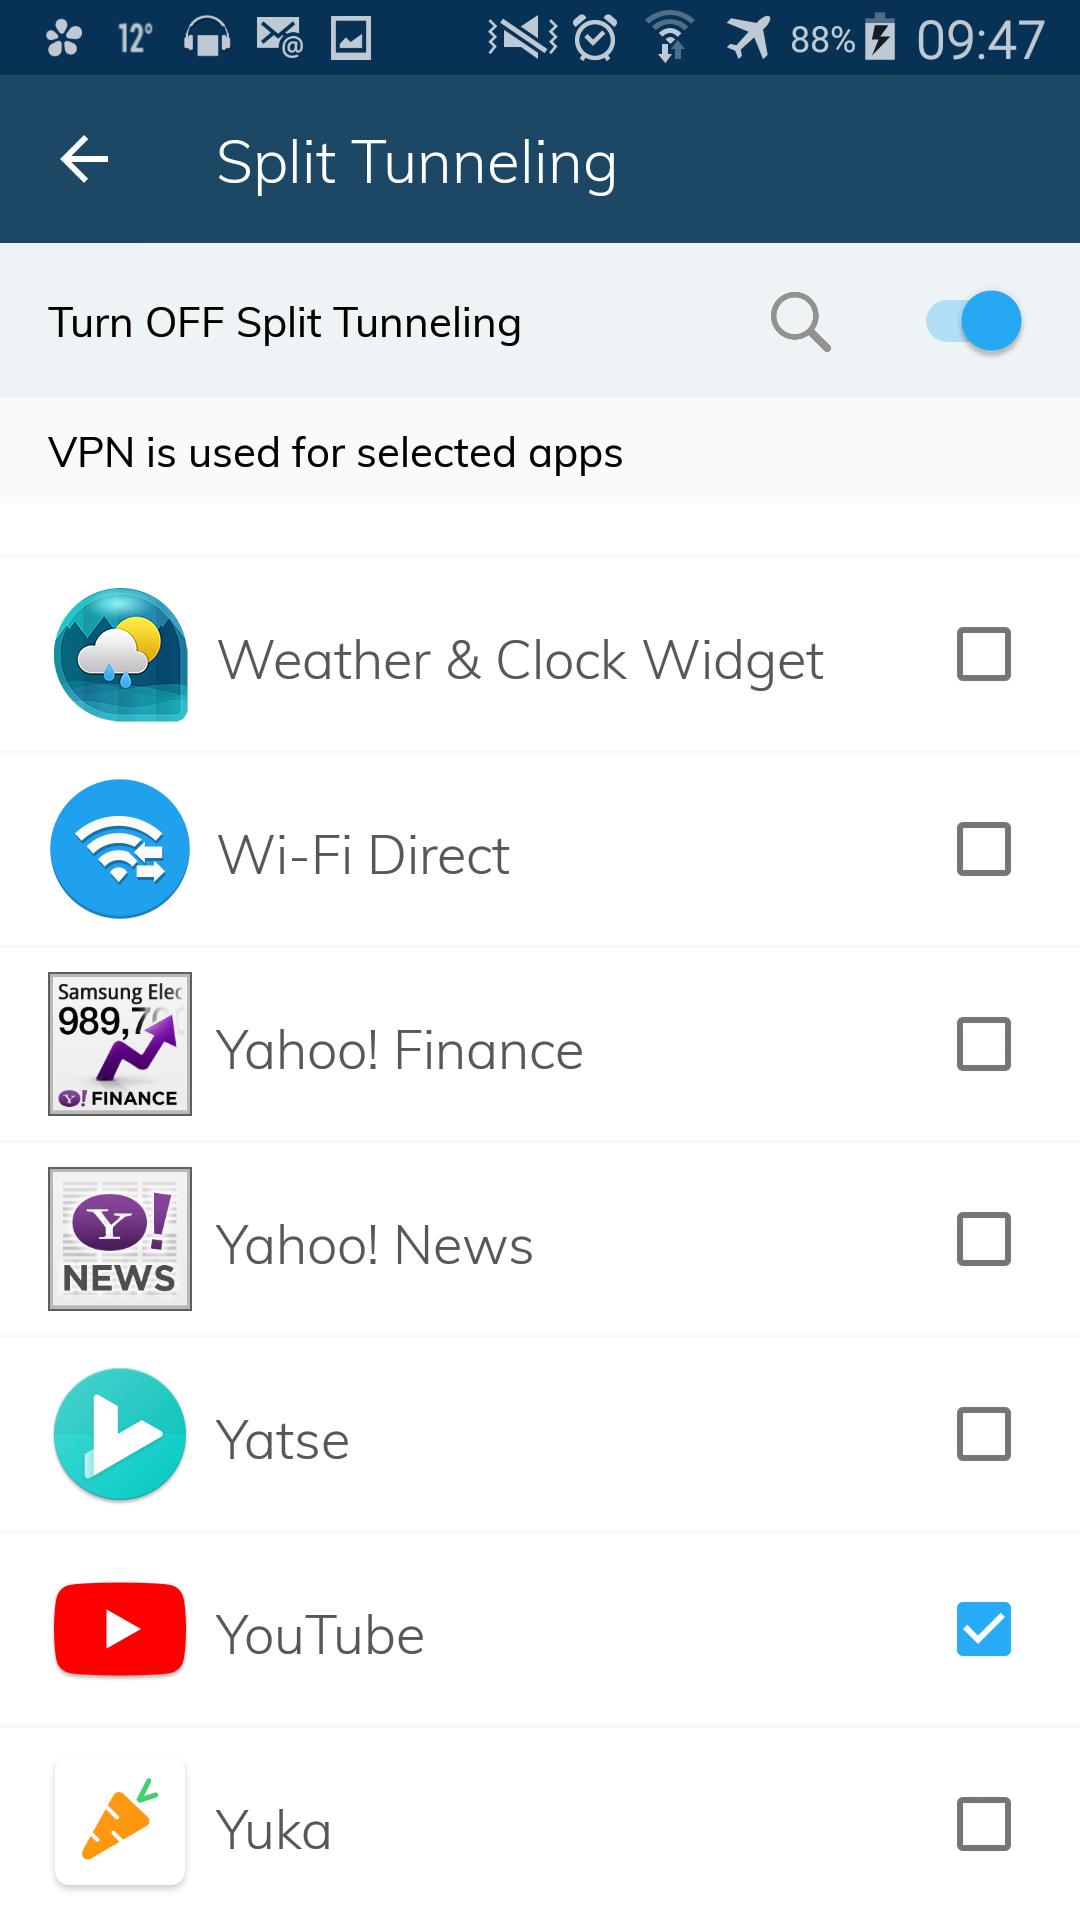 Choix des applications utilisant le VPN